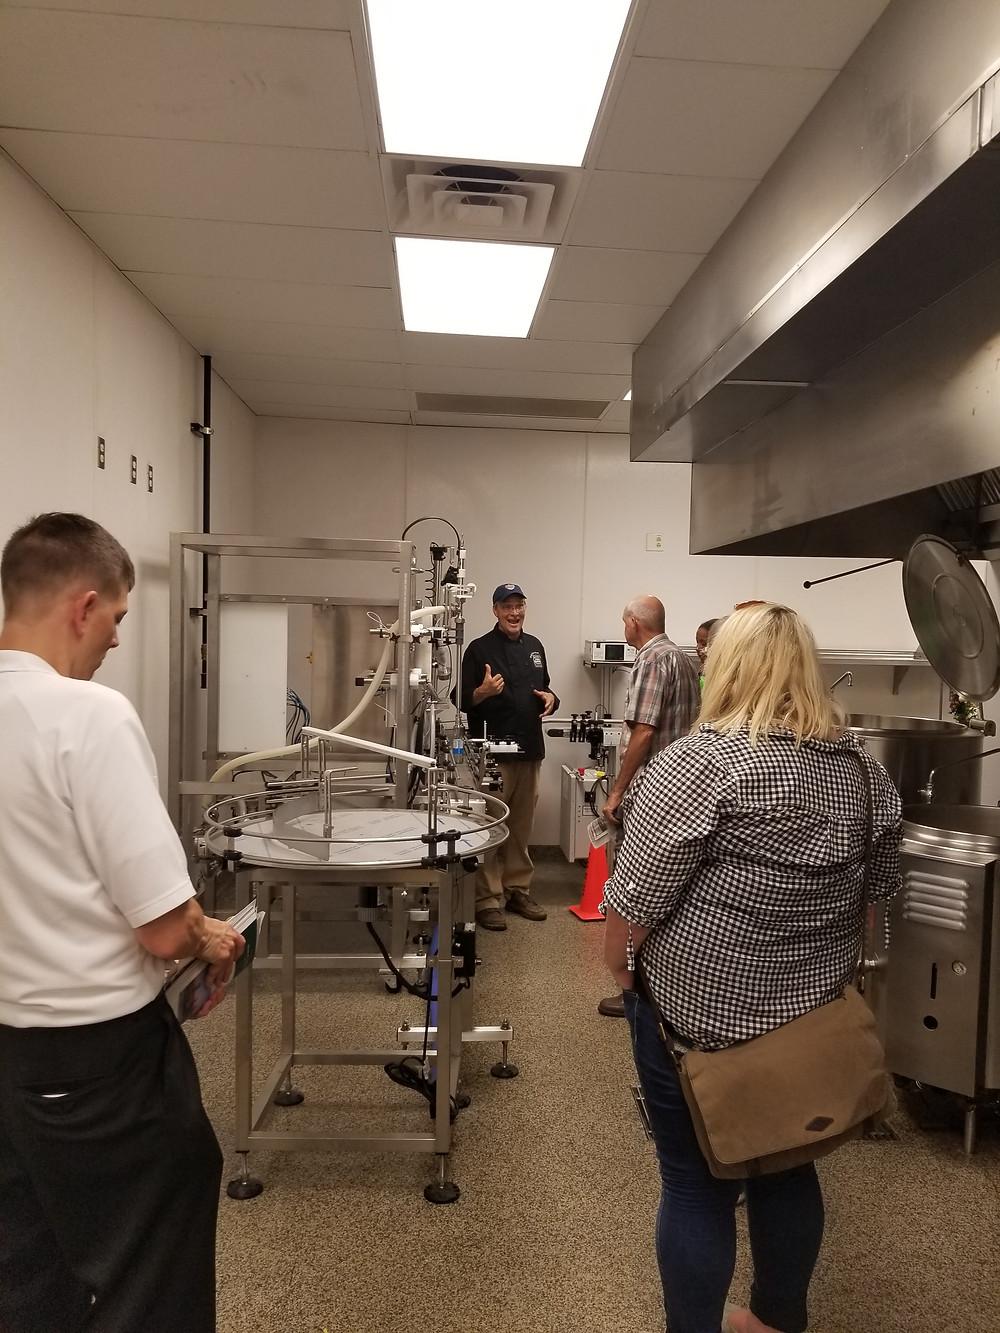 Republic Food Enterprise commercial kitchen for rent